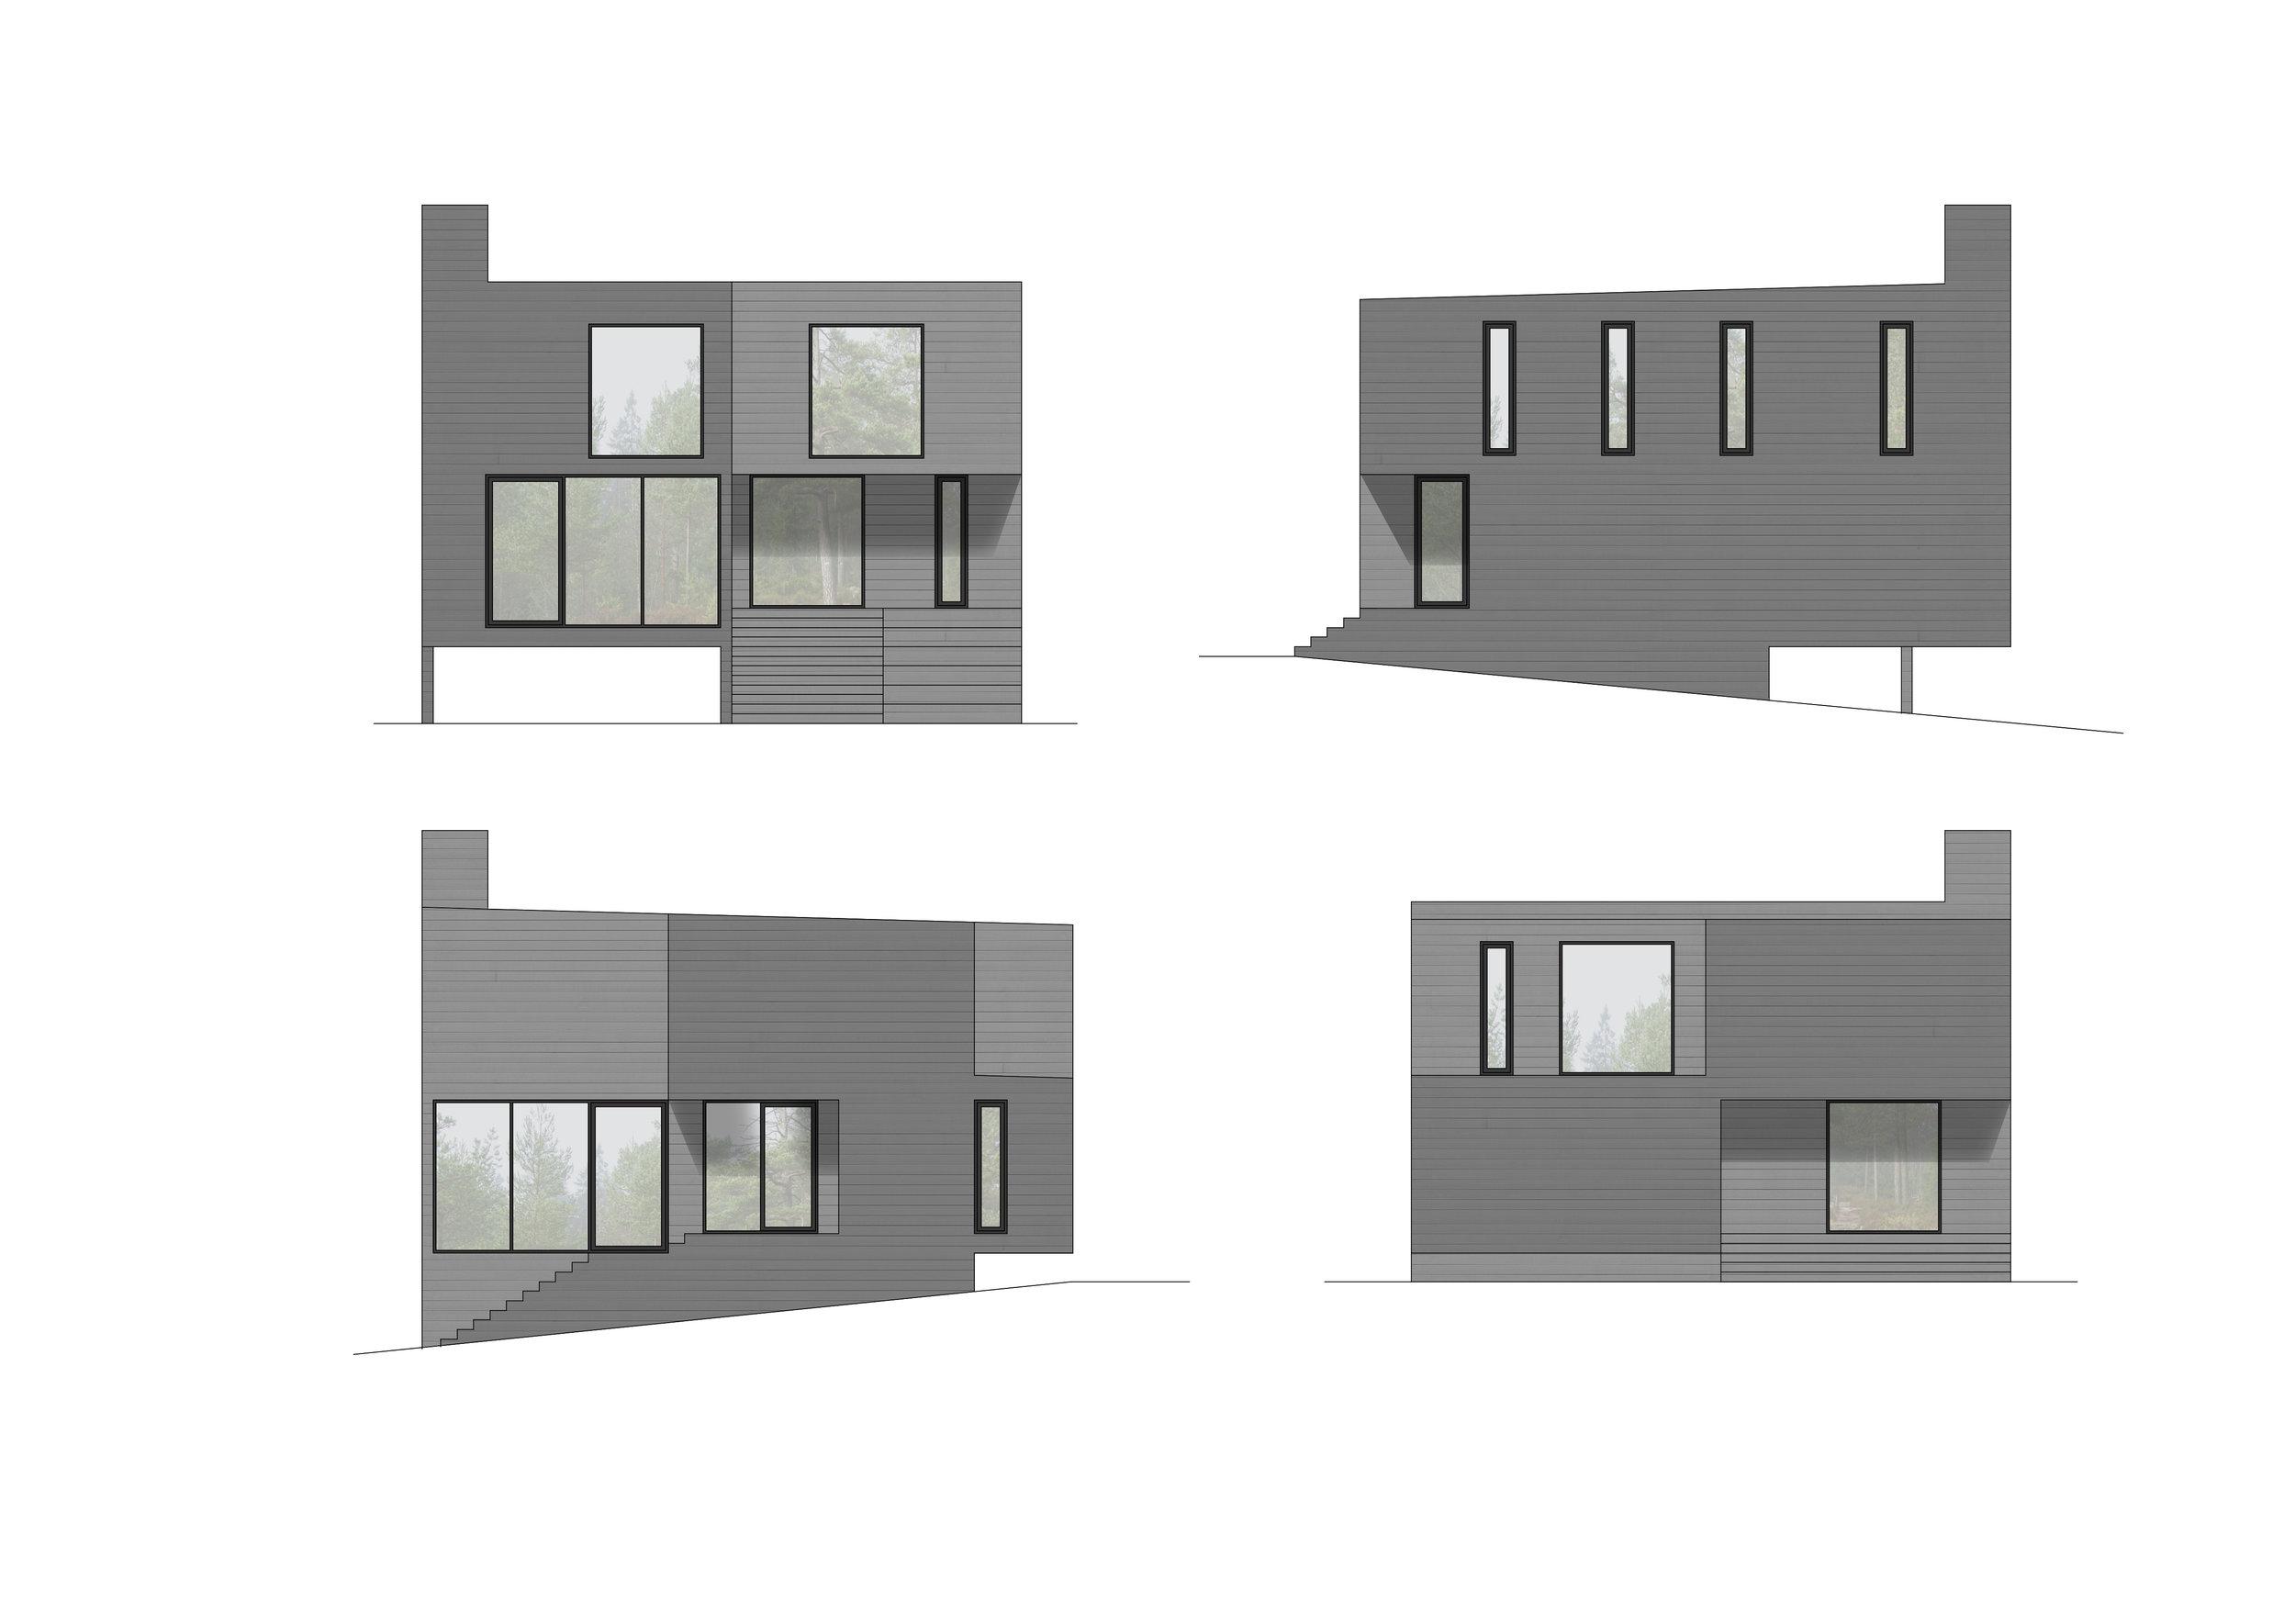 fasader 2 etg.jpg